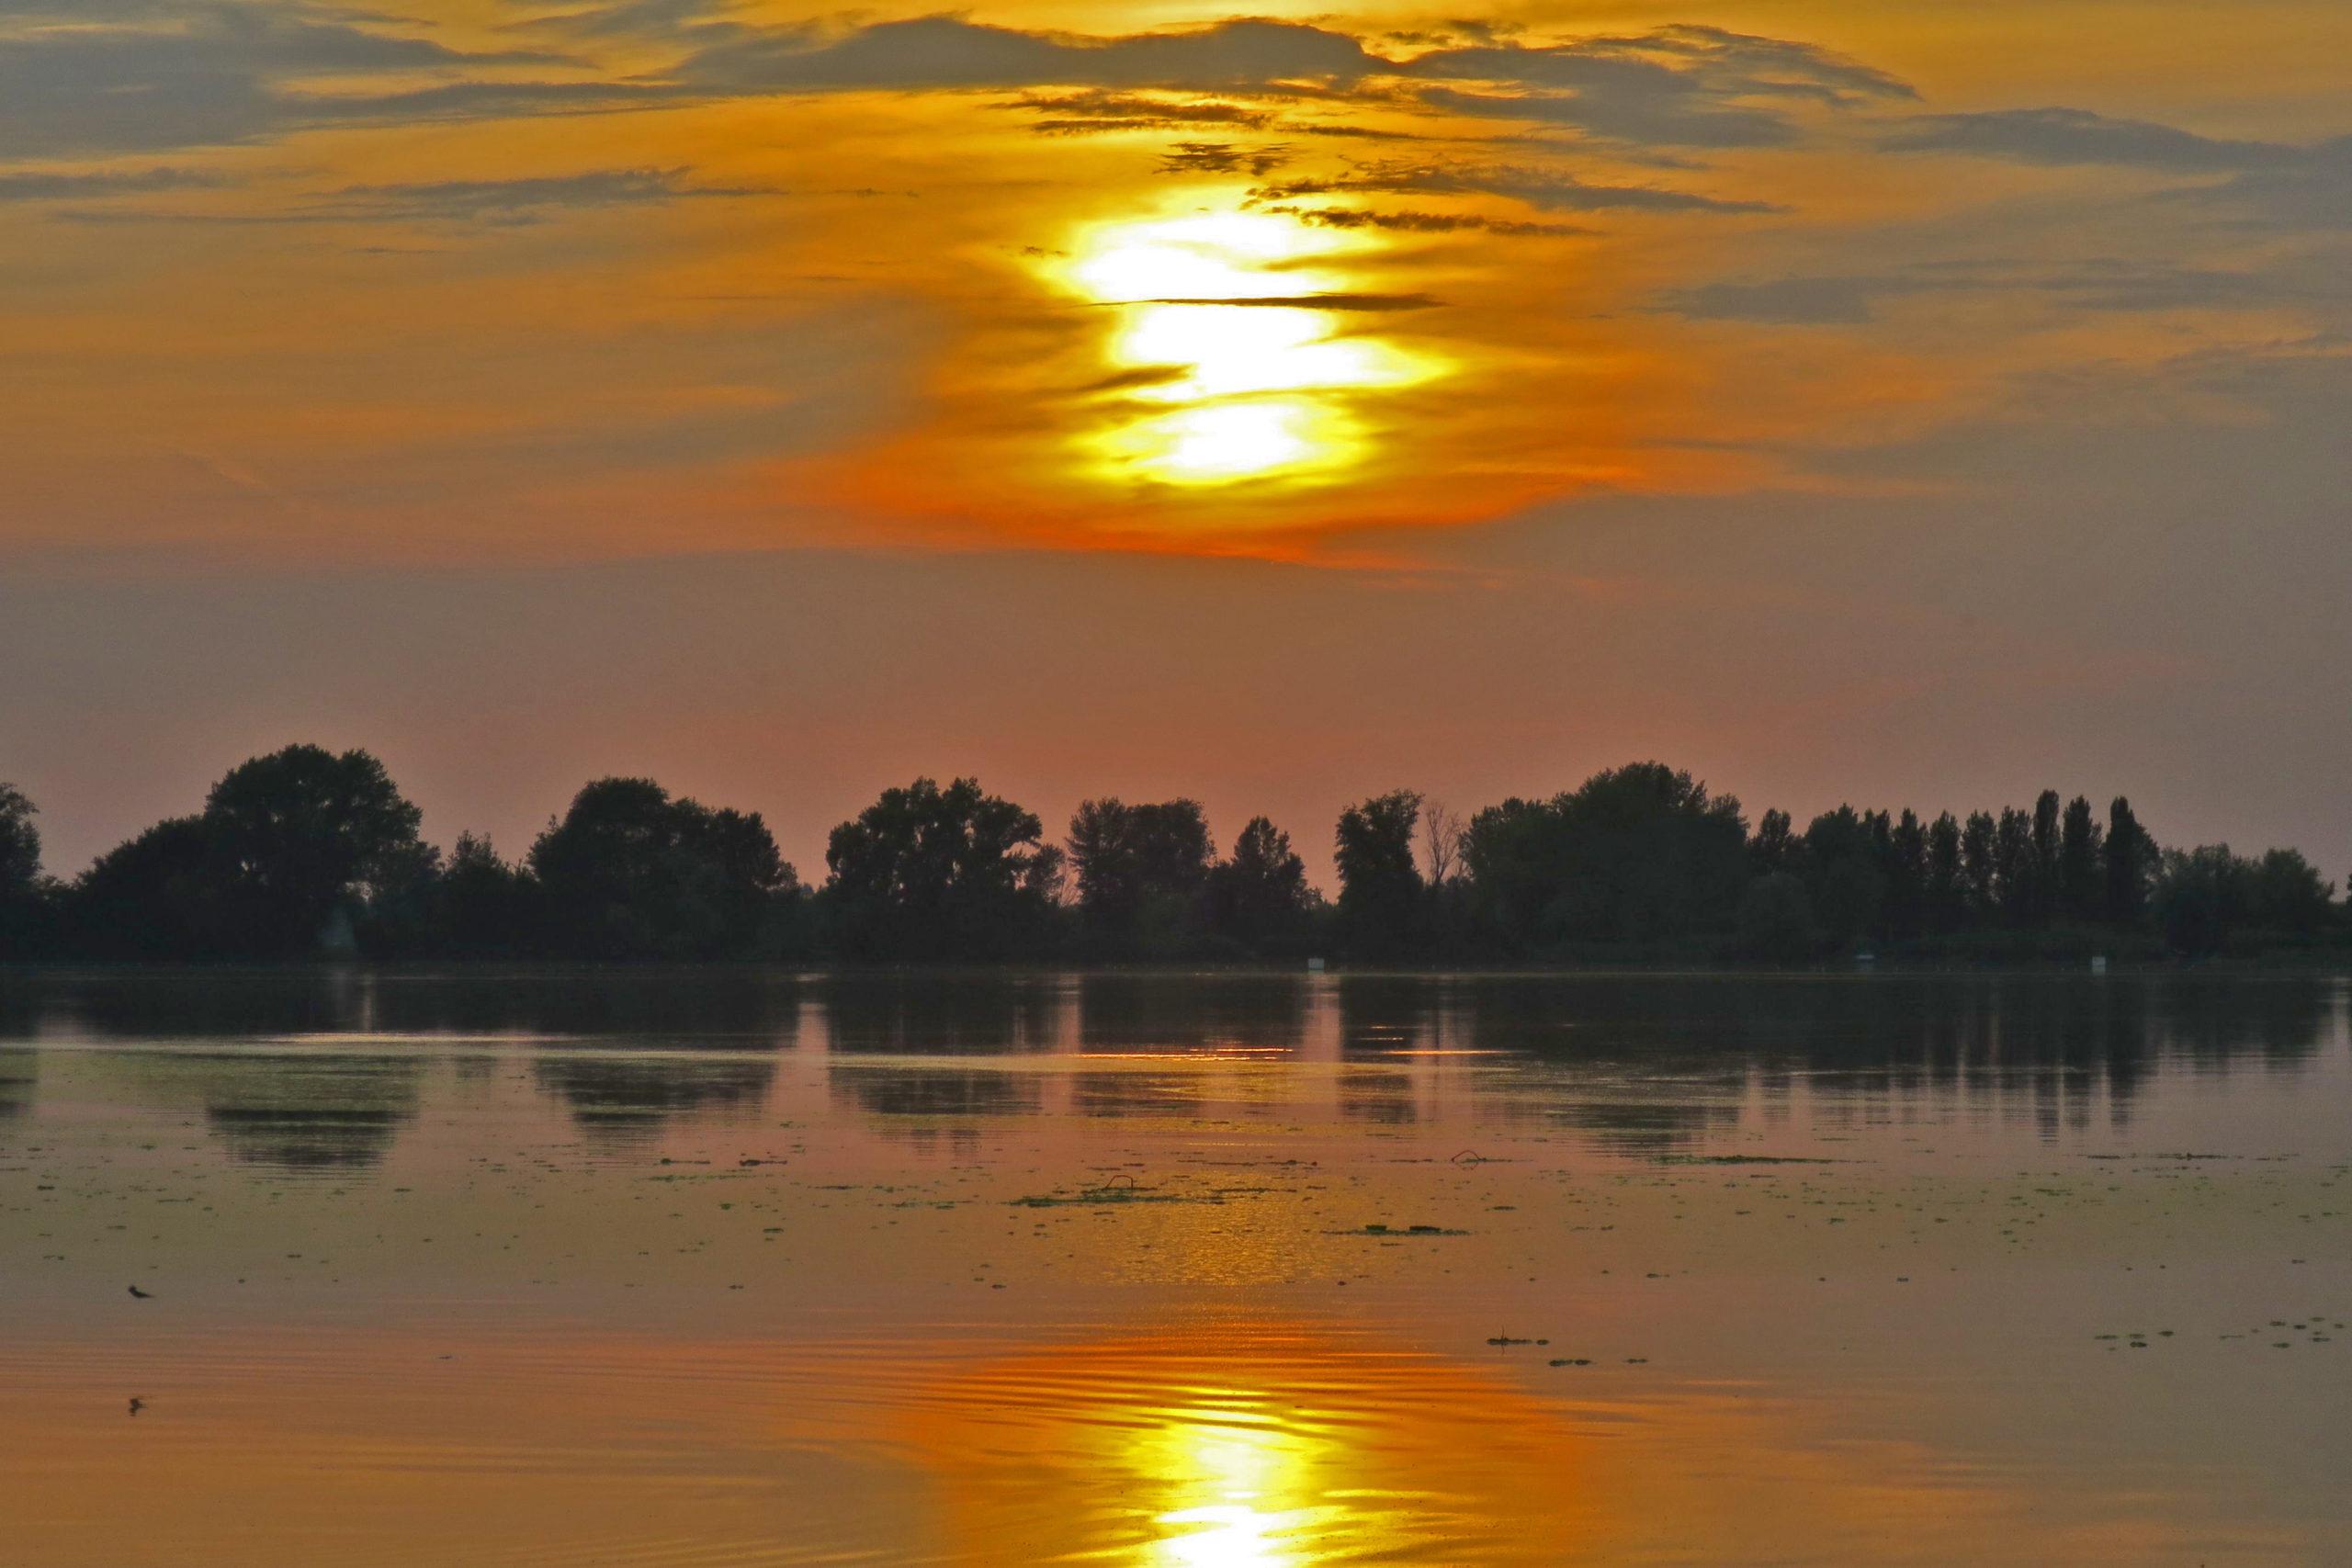 Sunset over Po River, Boretto